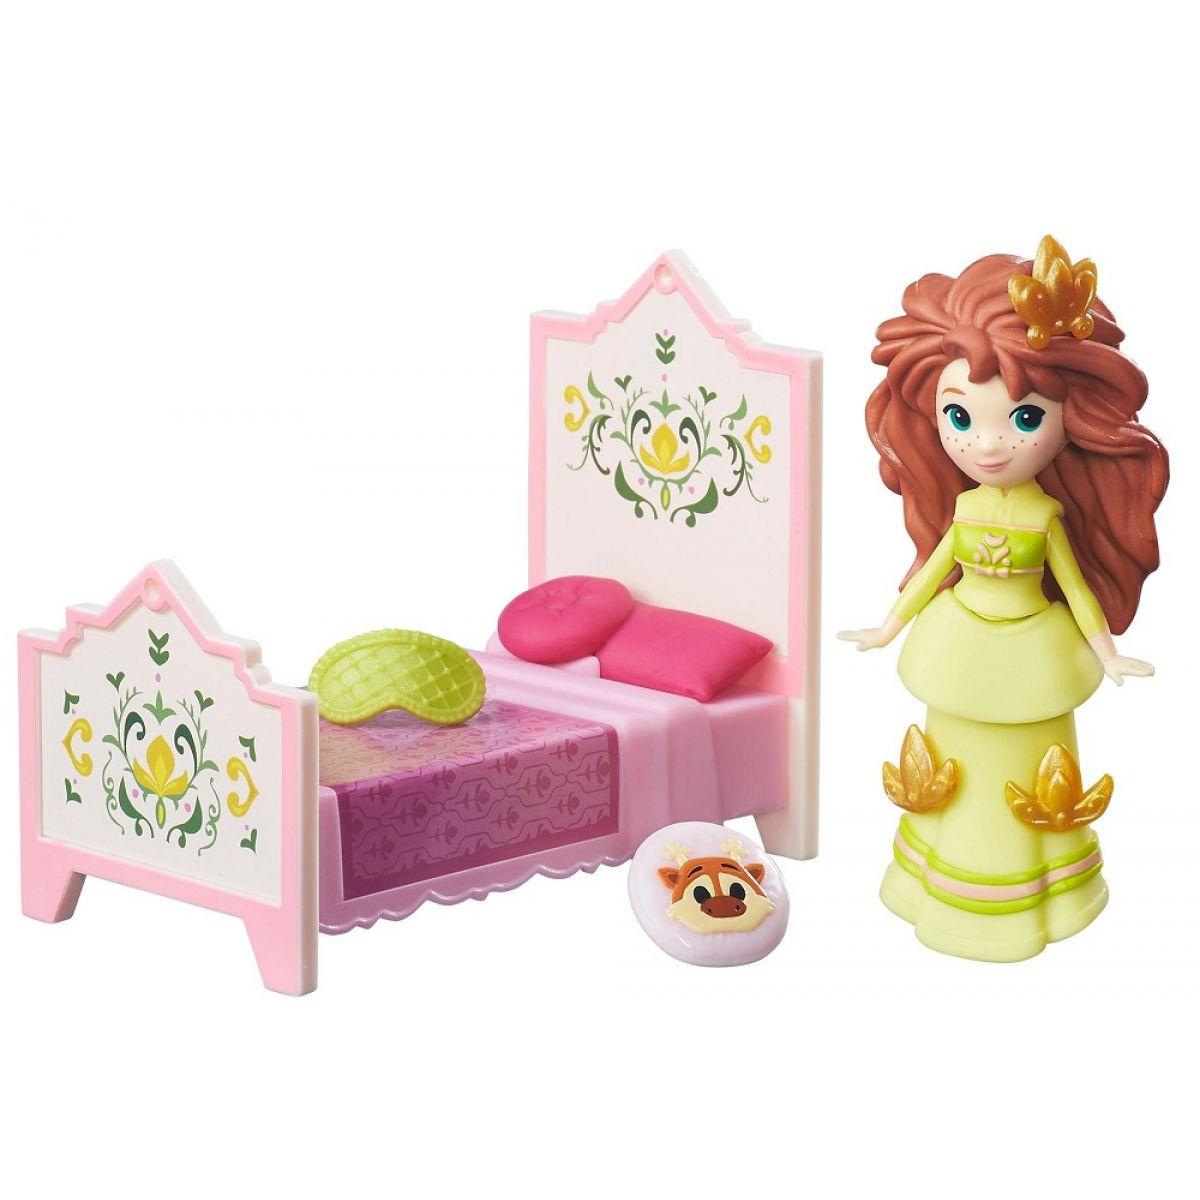 Hasbro Disney Frozen Little Kingdom Mini panenka s doplňky Rise & Shine Anna